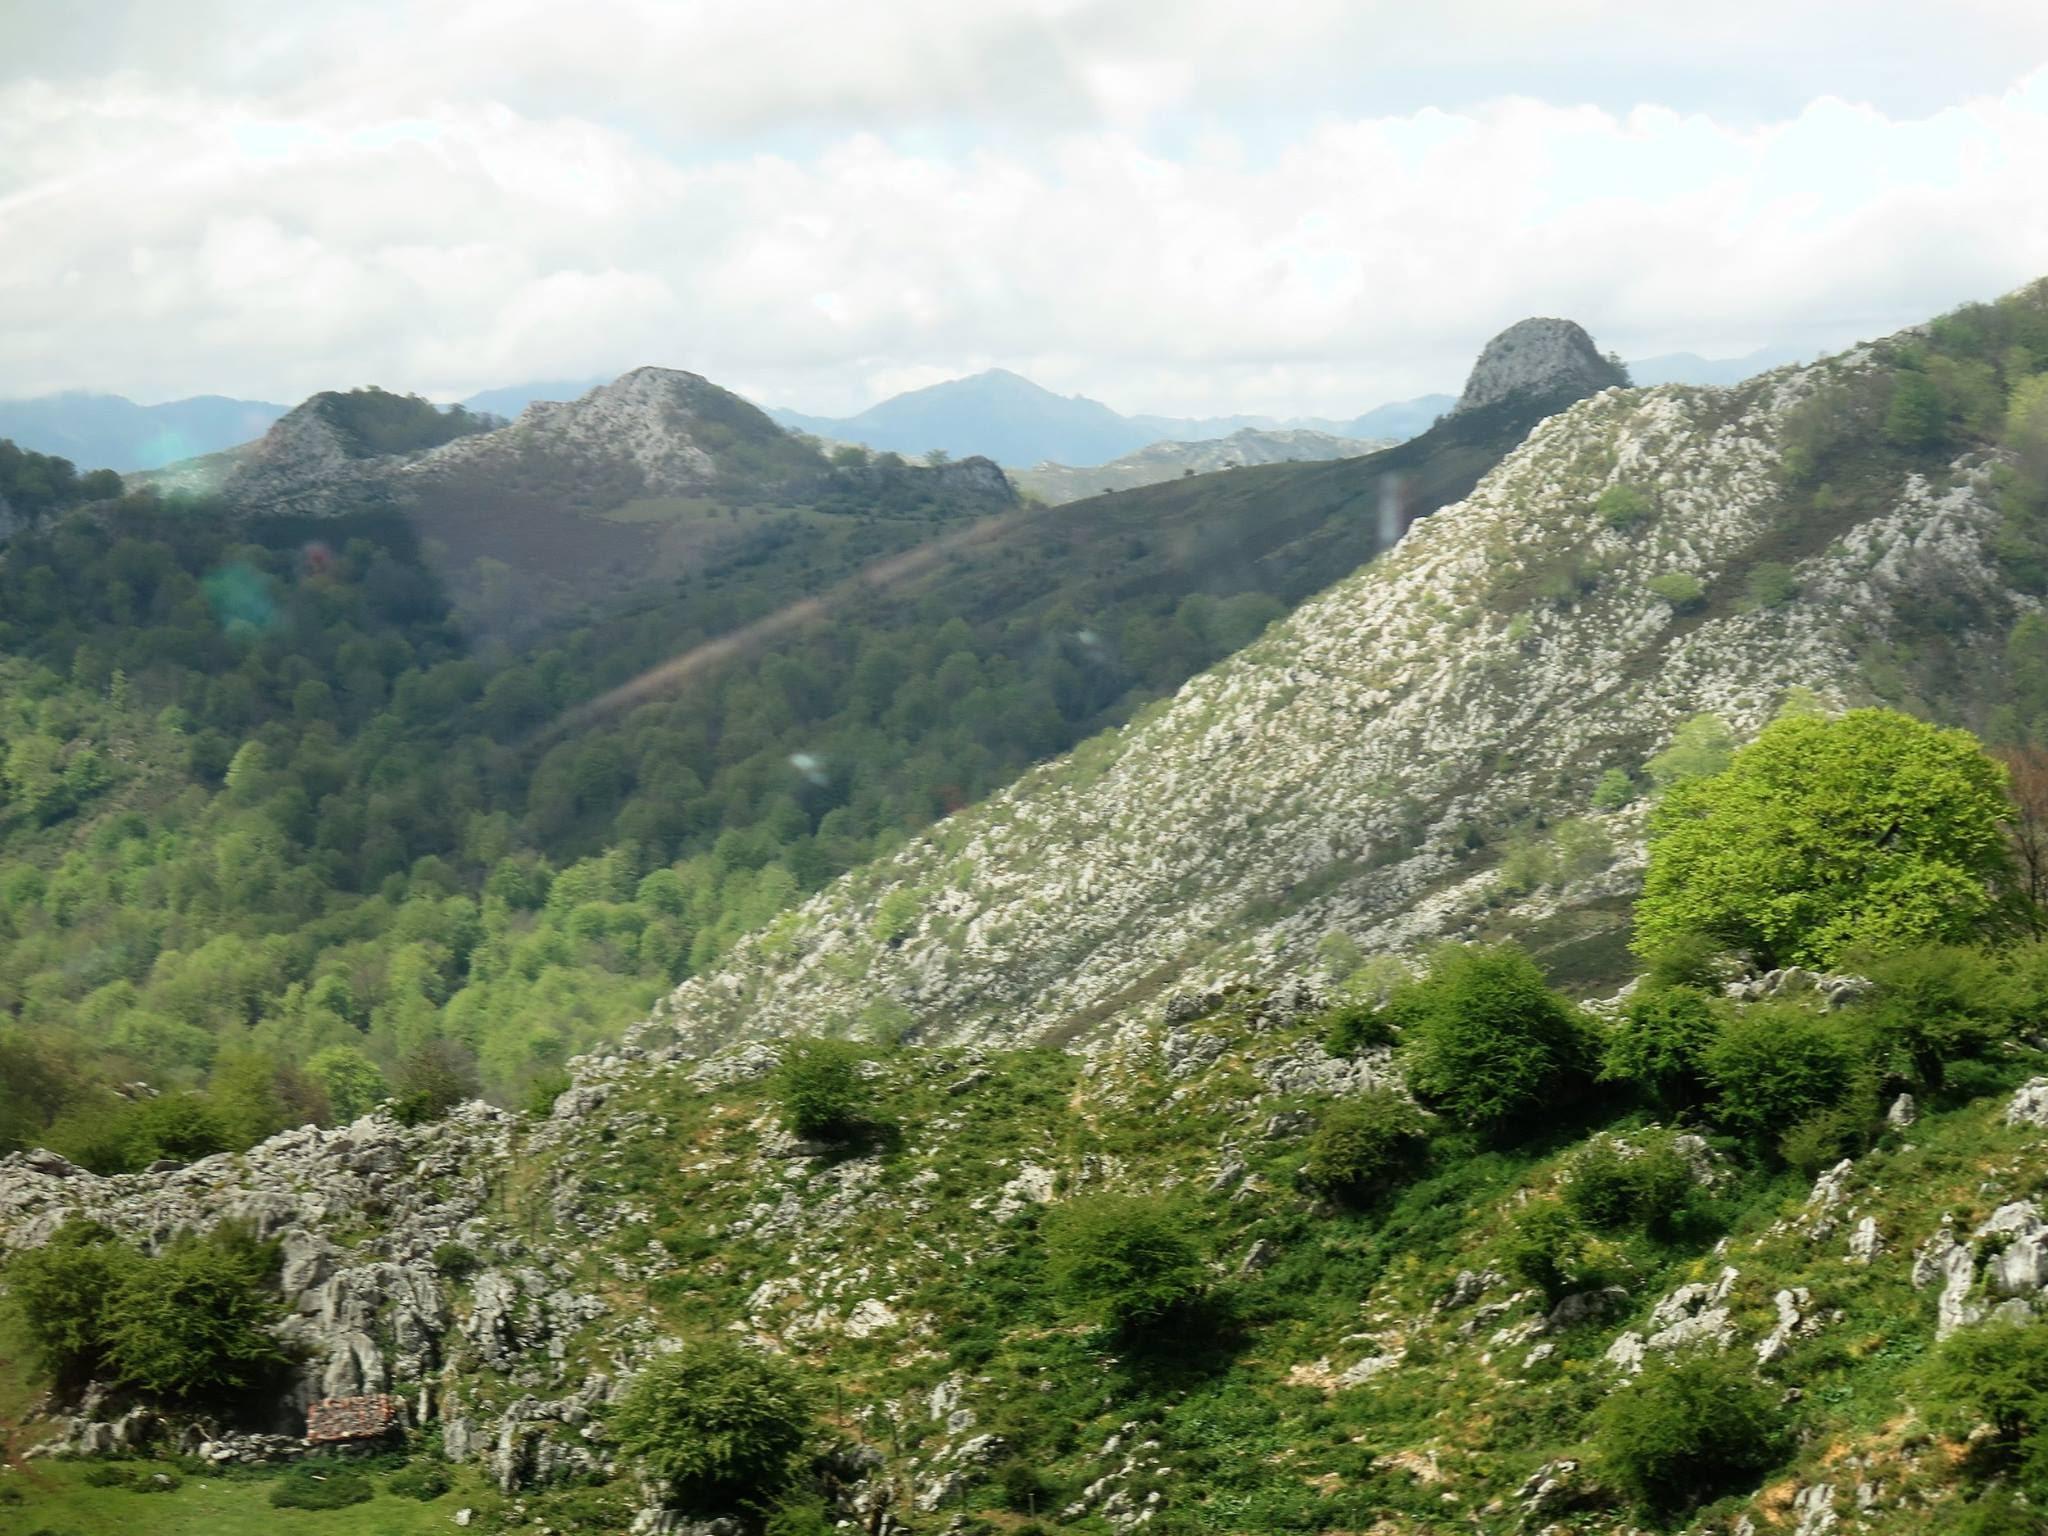 2017.05.2 y3 - Viaje Covadonga Sector Hnos. Mayores (10)